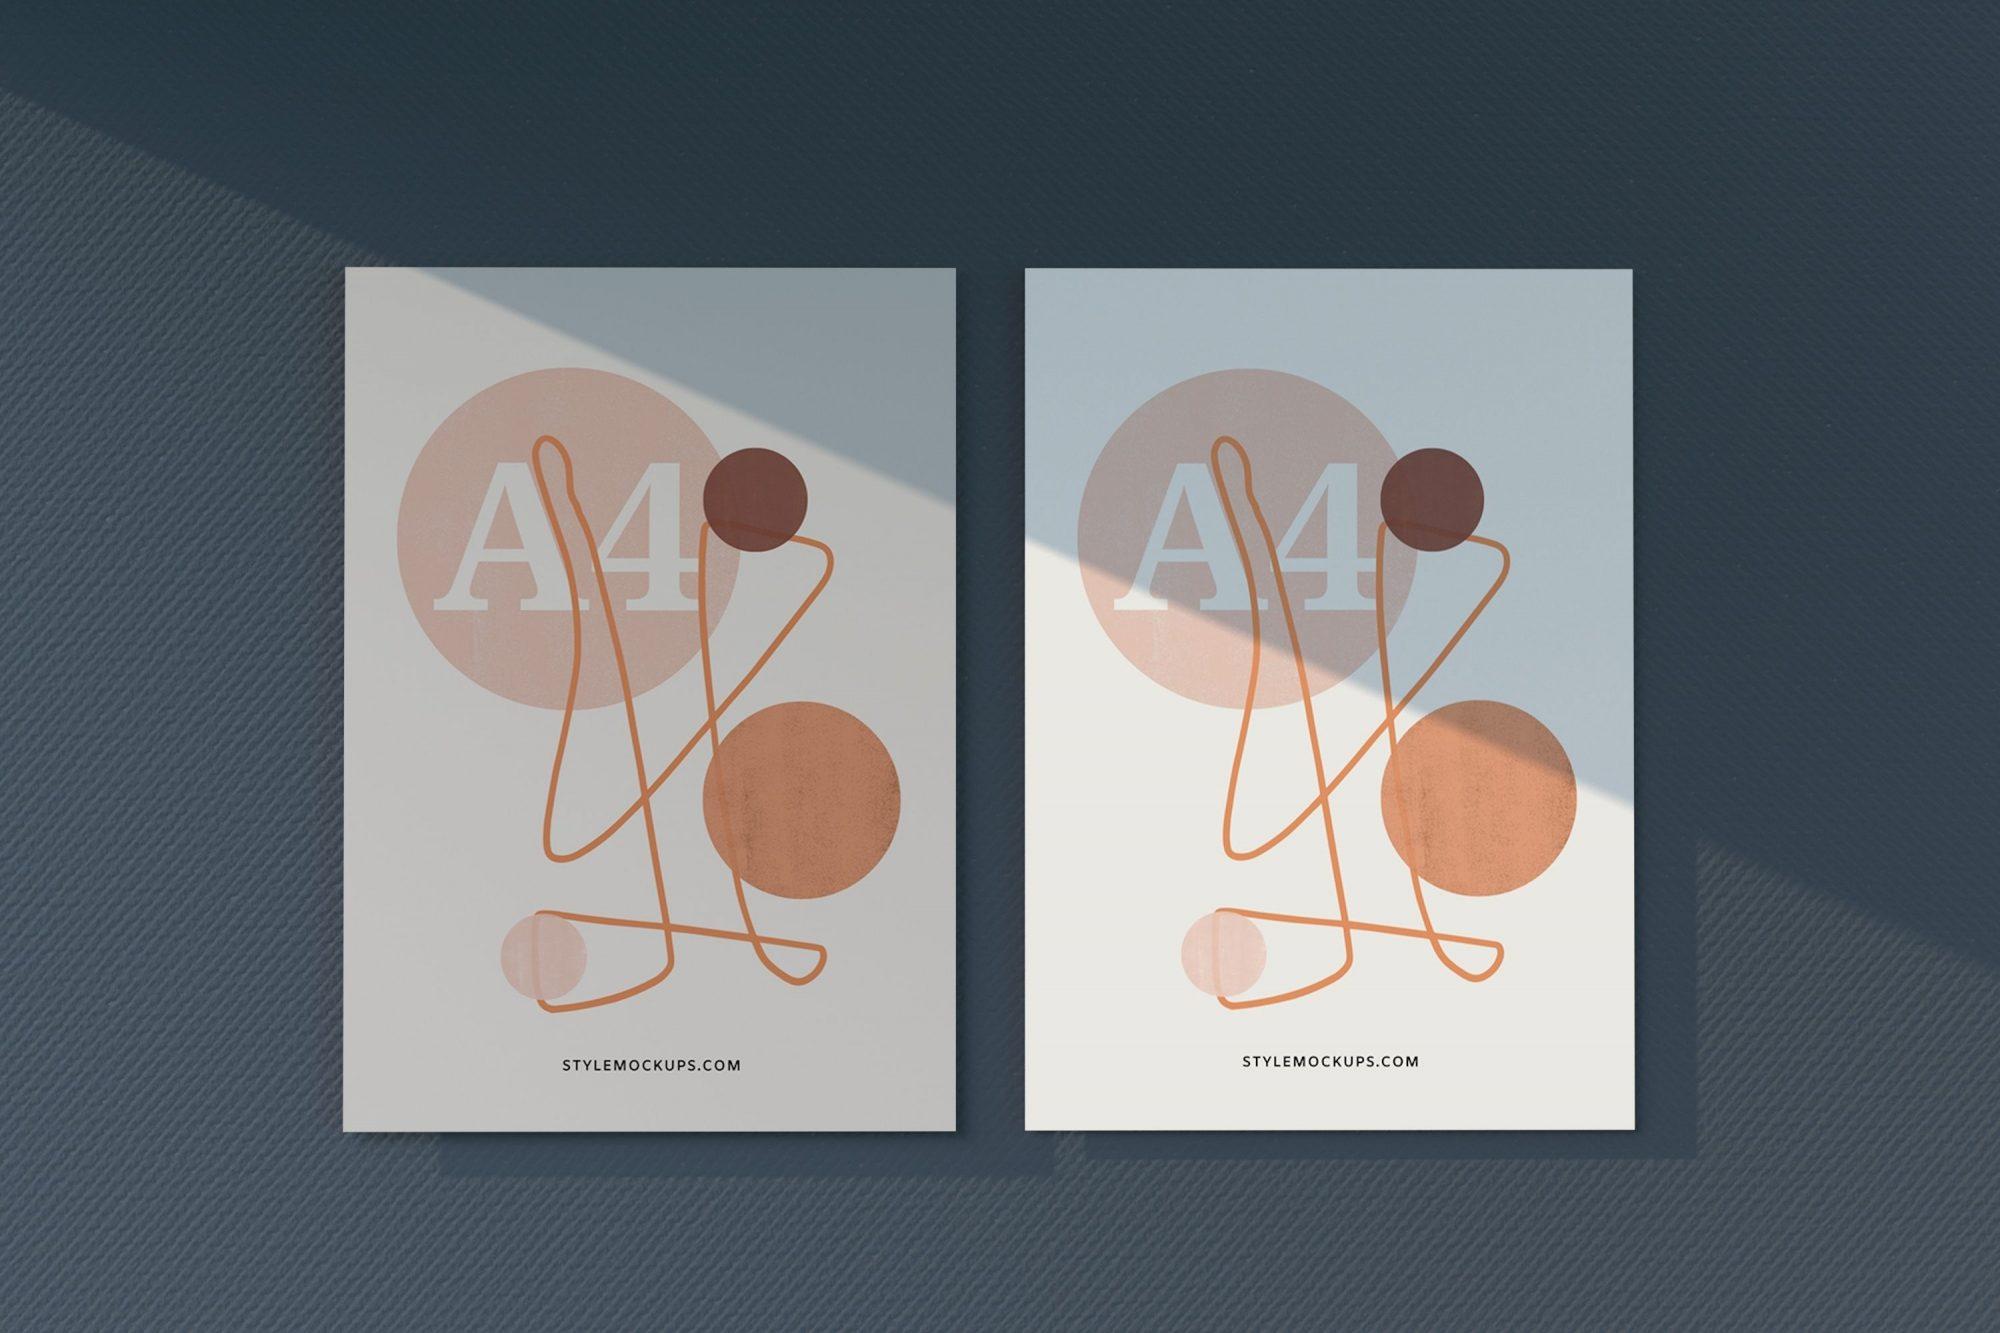 Free A4 Paper Letterhead / Flyer Mockup